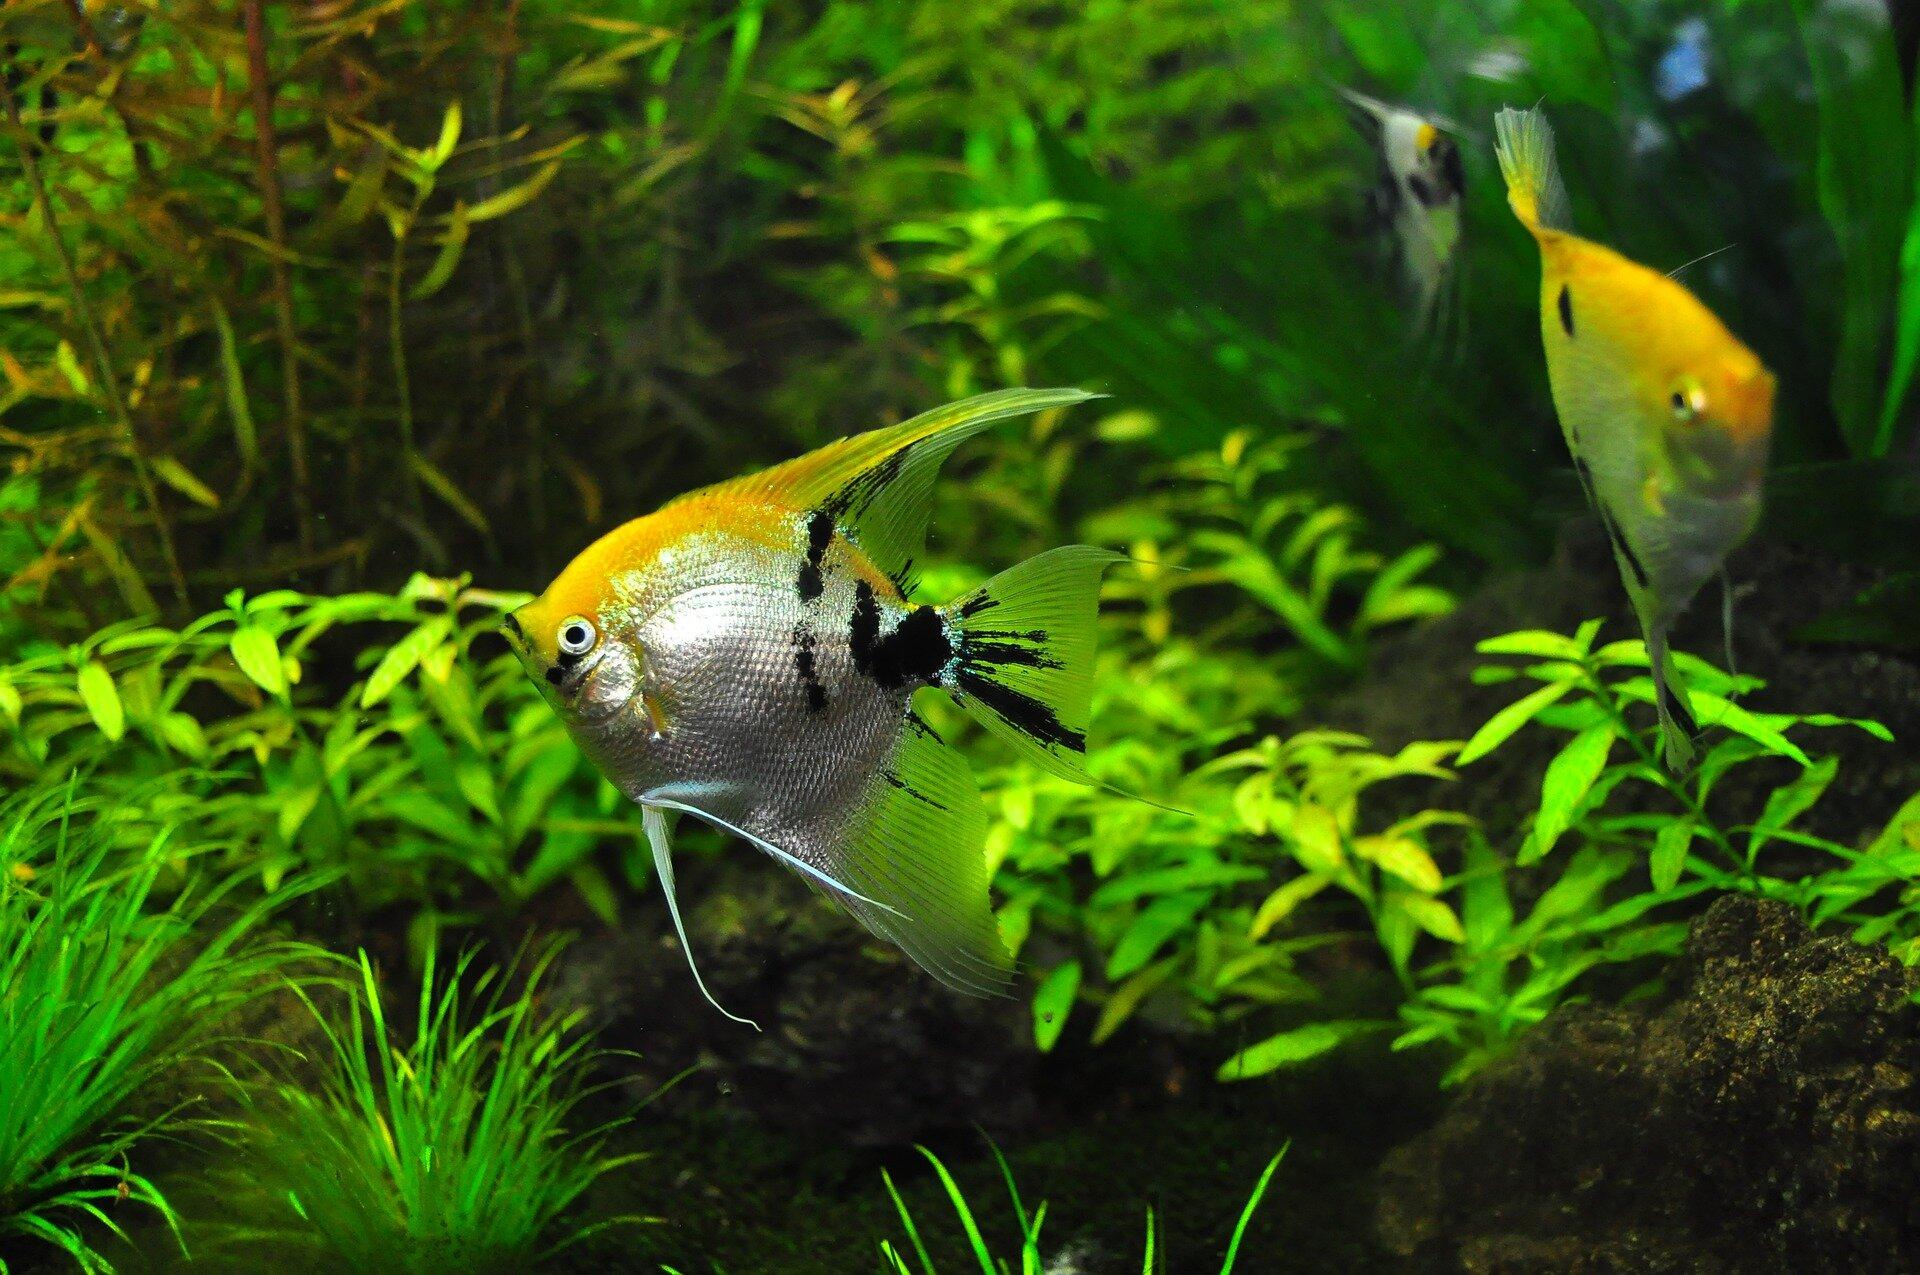 fish-1759820_1920_TMLF.jpg